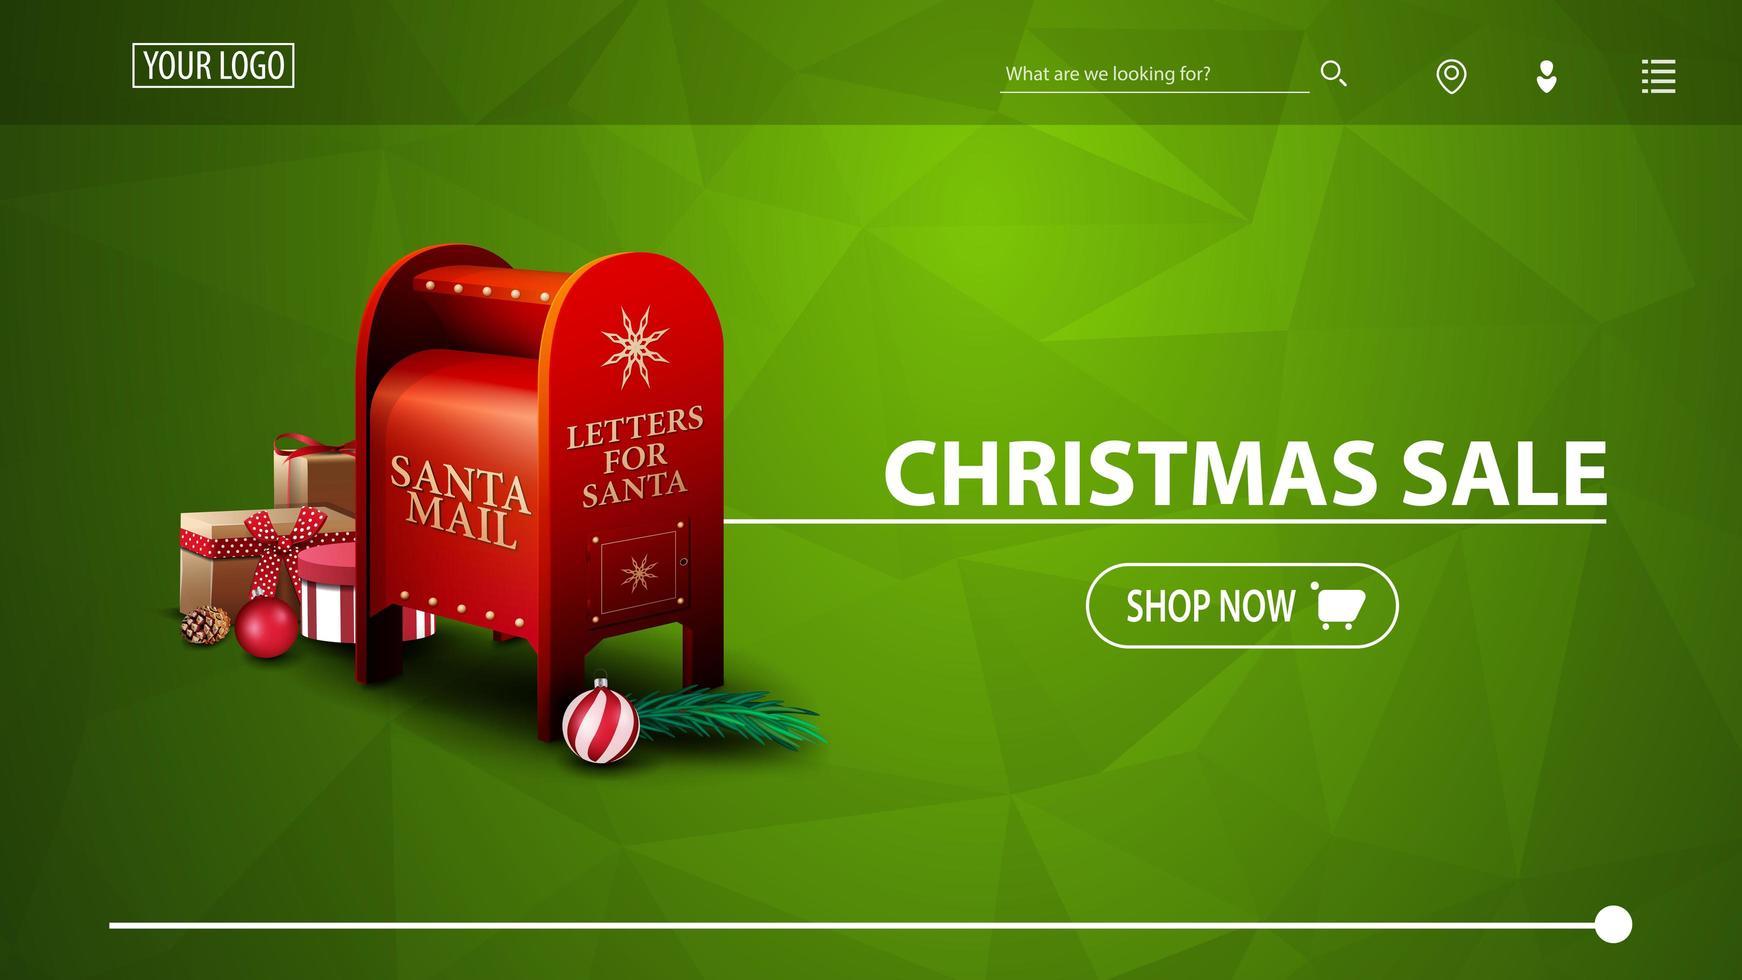 Venta de Navidad, banner de descuento verde para sitio web con textura poligonal y buzón de santa con regalos vector